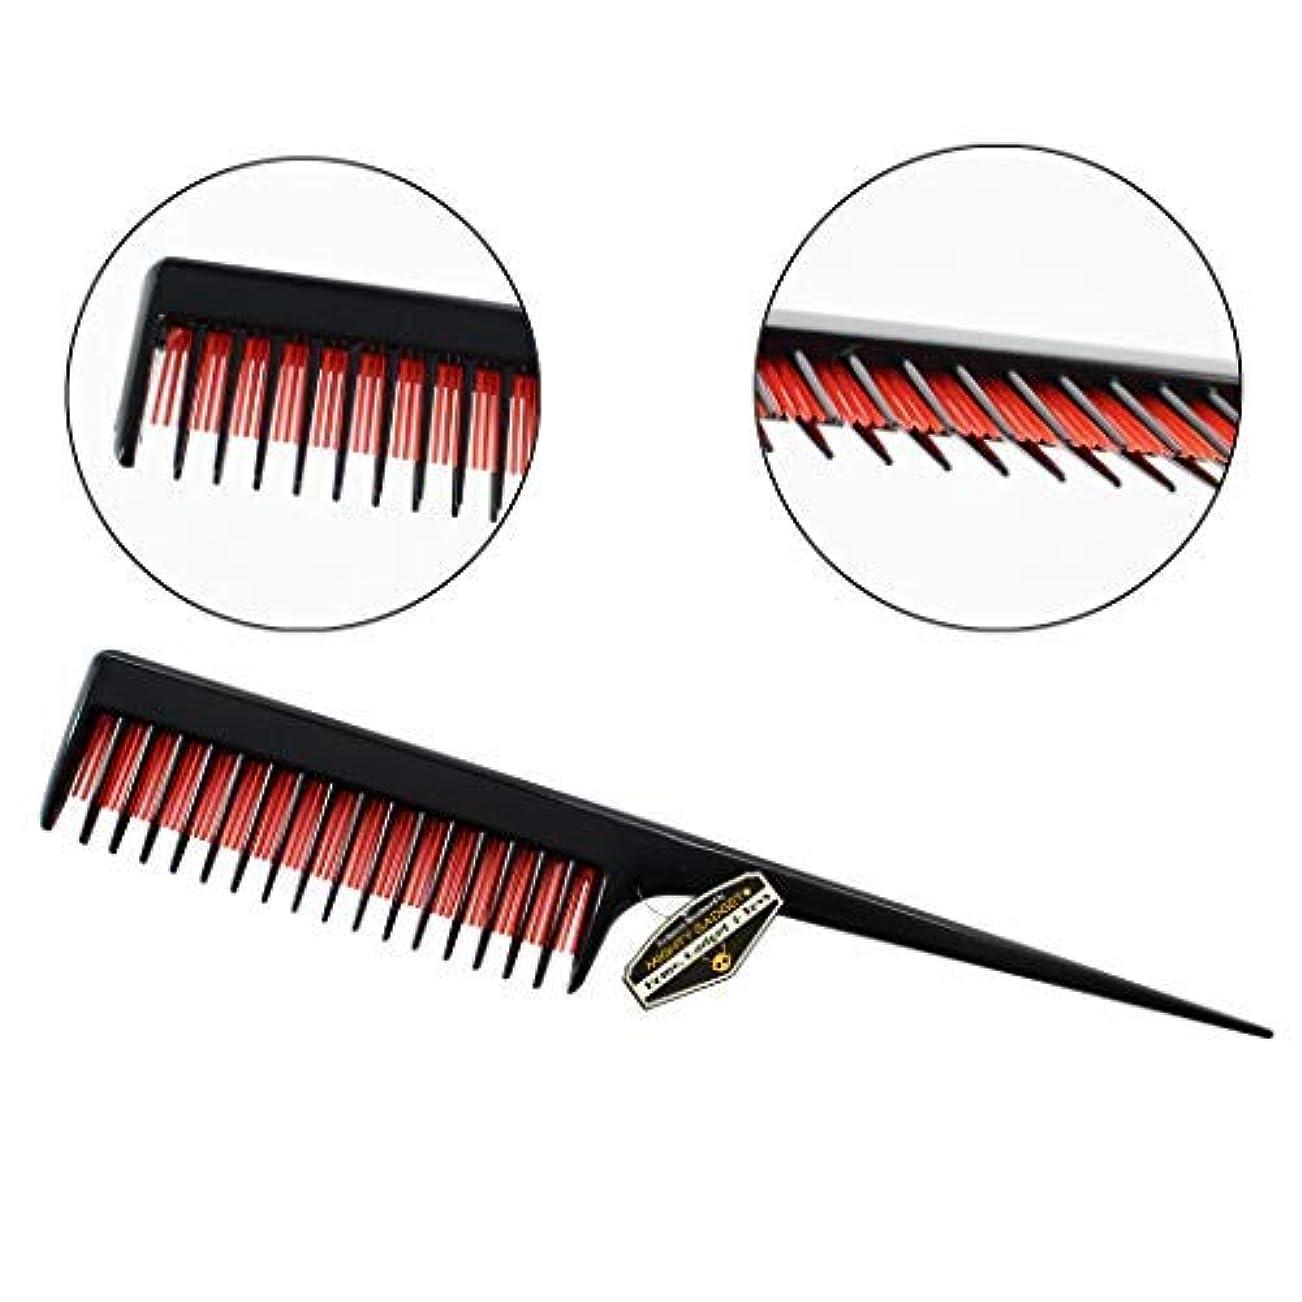 悪い事前隔離Mighty Gadget 8 inch Teasing Comb - Rat Tail Comb for Back Combing, Root Teasing, Adding Volume, Evening Styling...